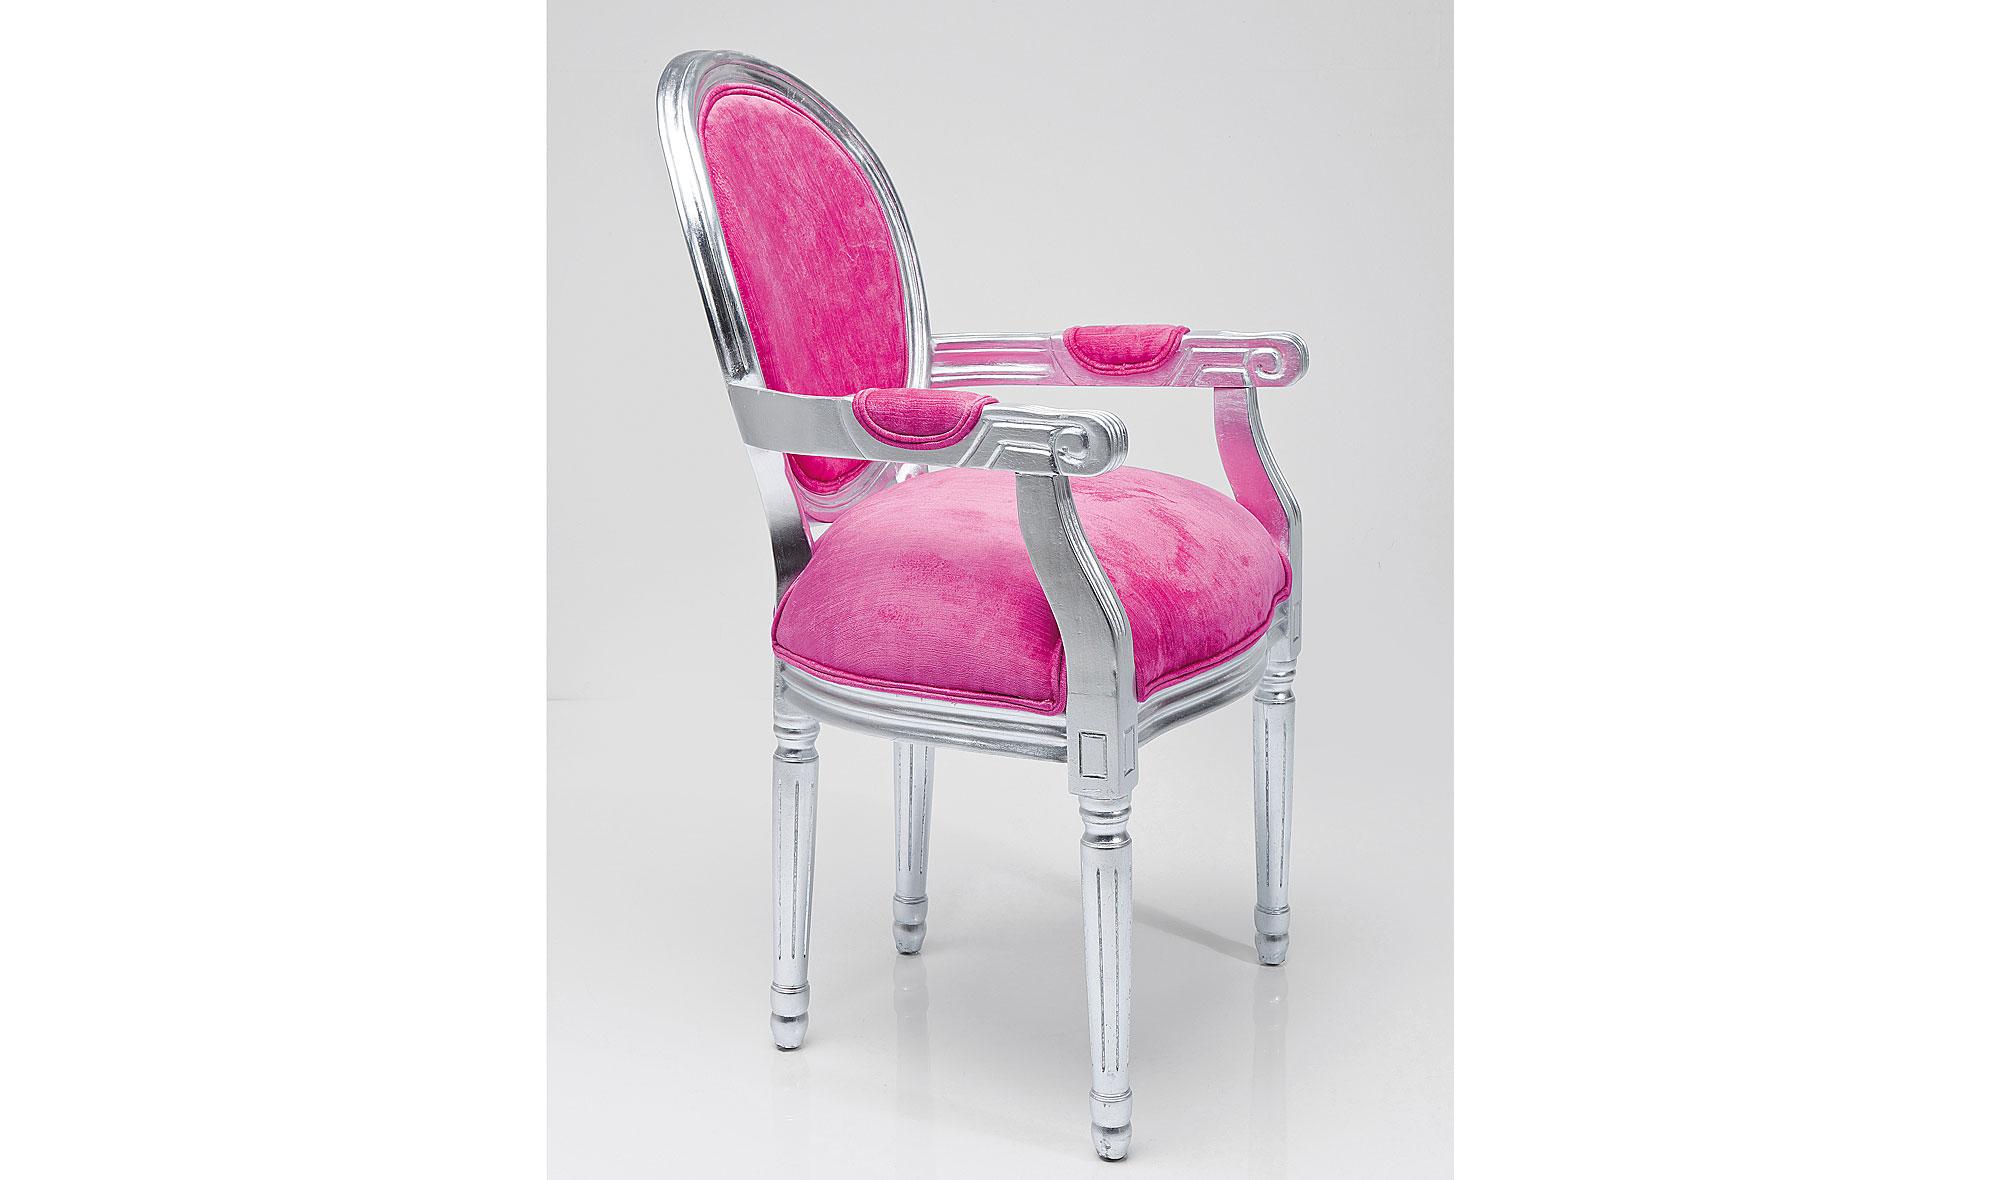 Silla vintage Louis rosa no disponible en Portobellostreet.es